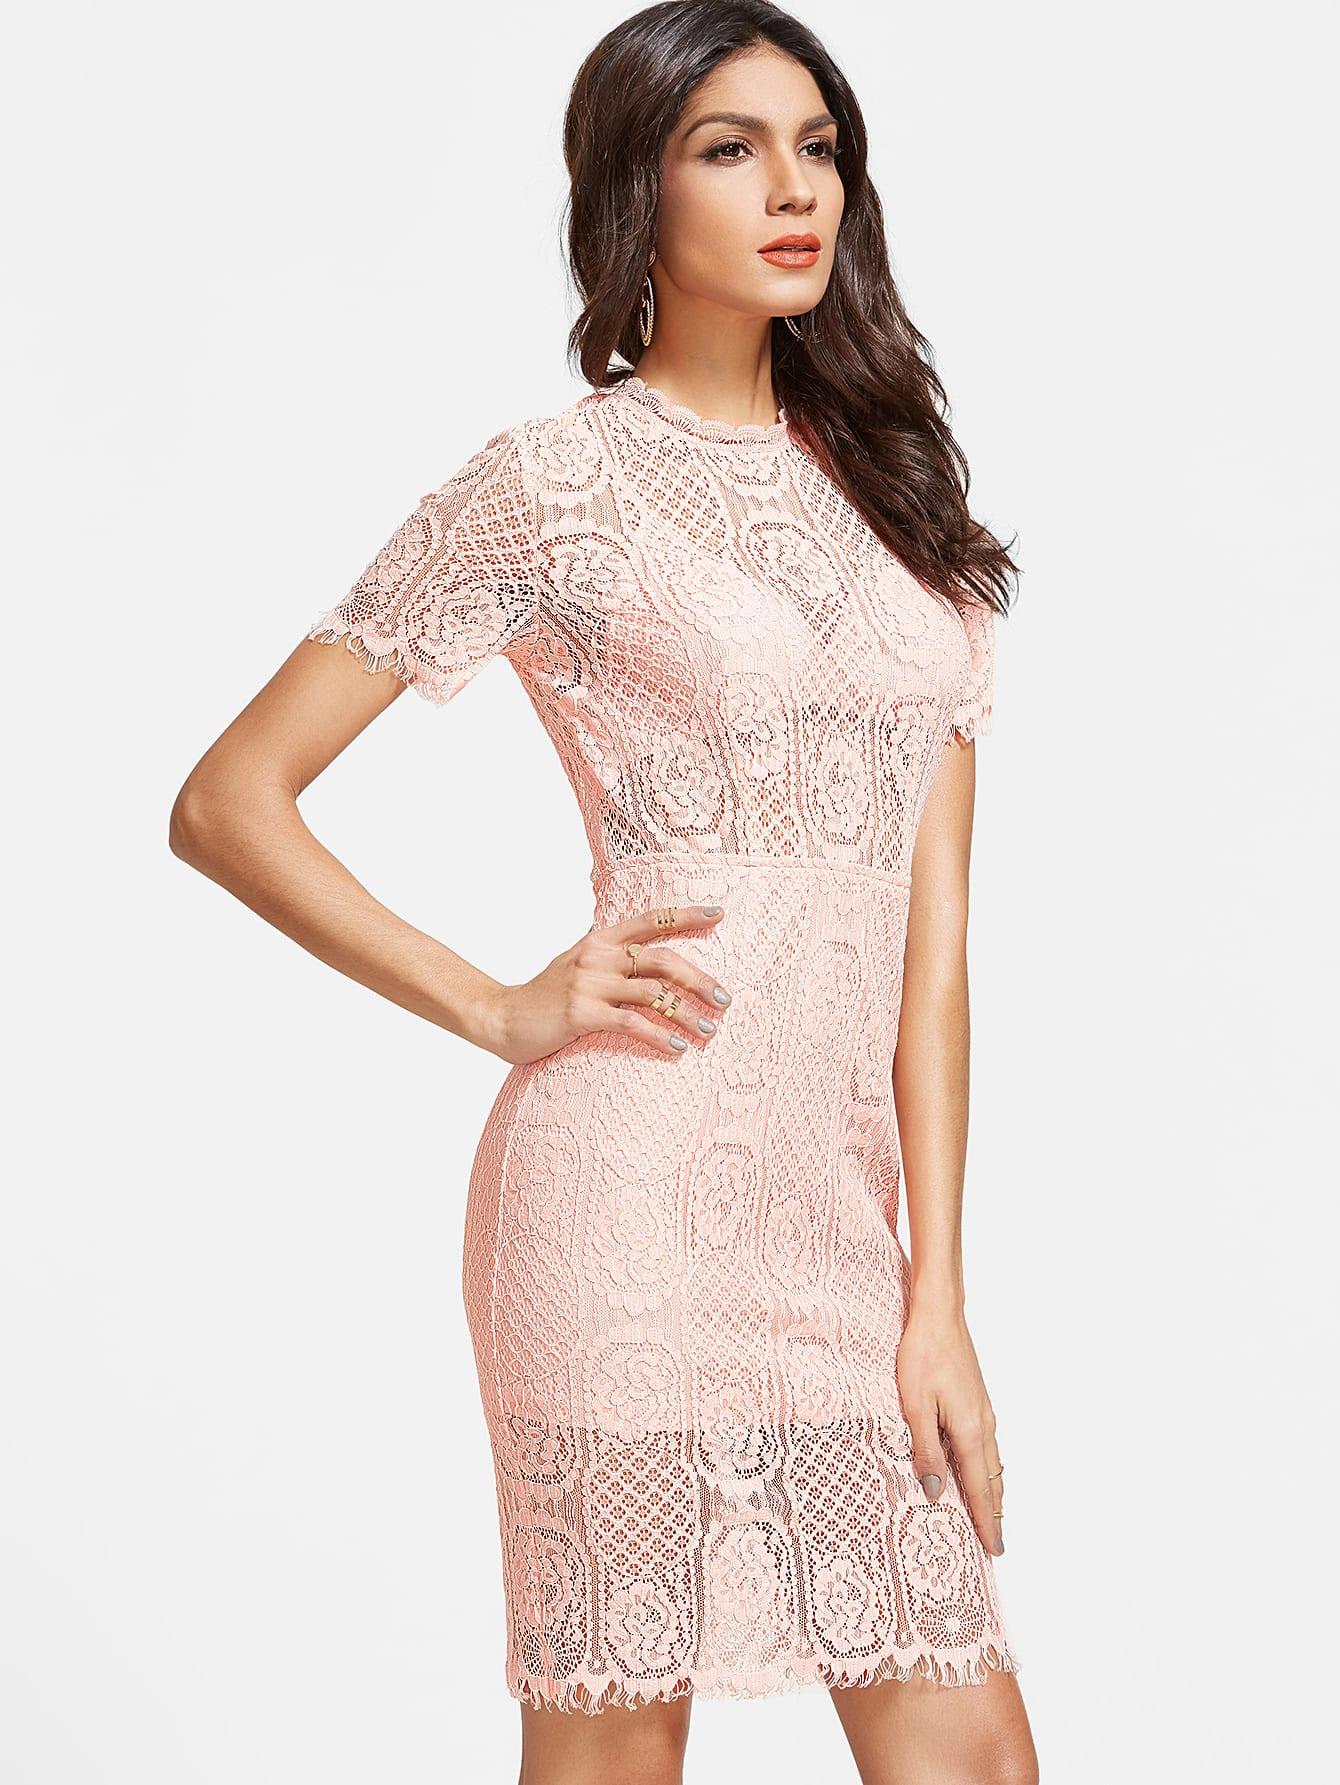 dress170220704_2